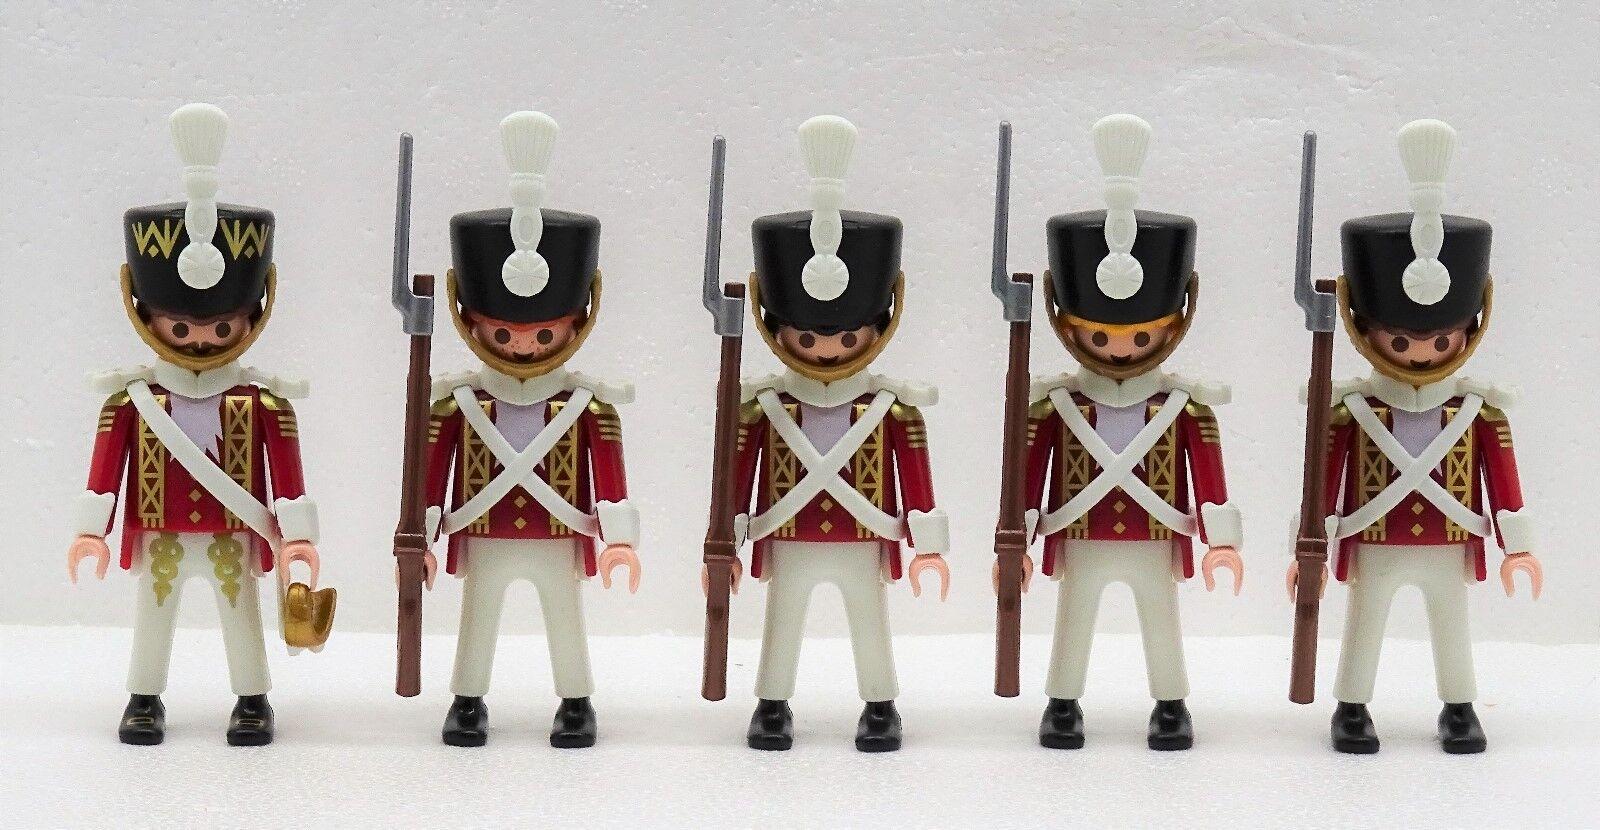 4 X SOLDATO + + + Ufficiale PLAYMOBIL a GIUBBE ROSSE oro guardia Ussaro 9443 Napoleone RAR 0e8af1